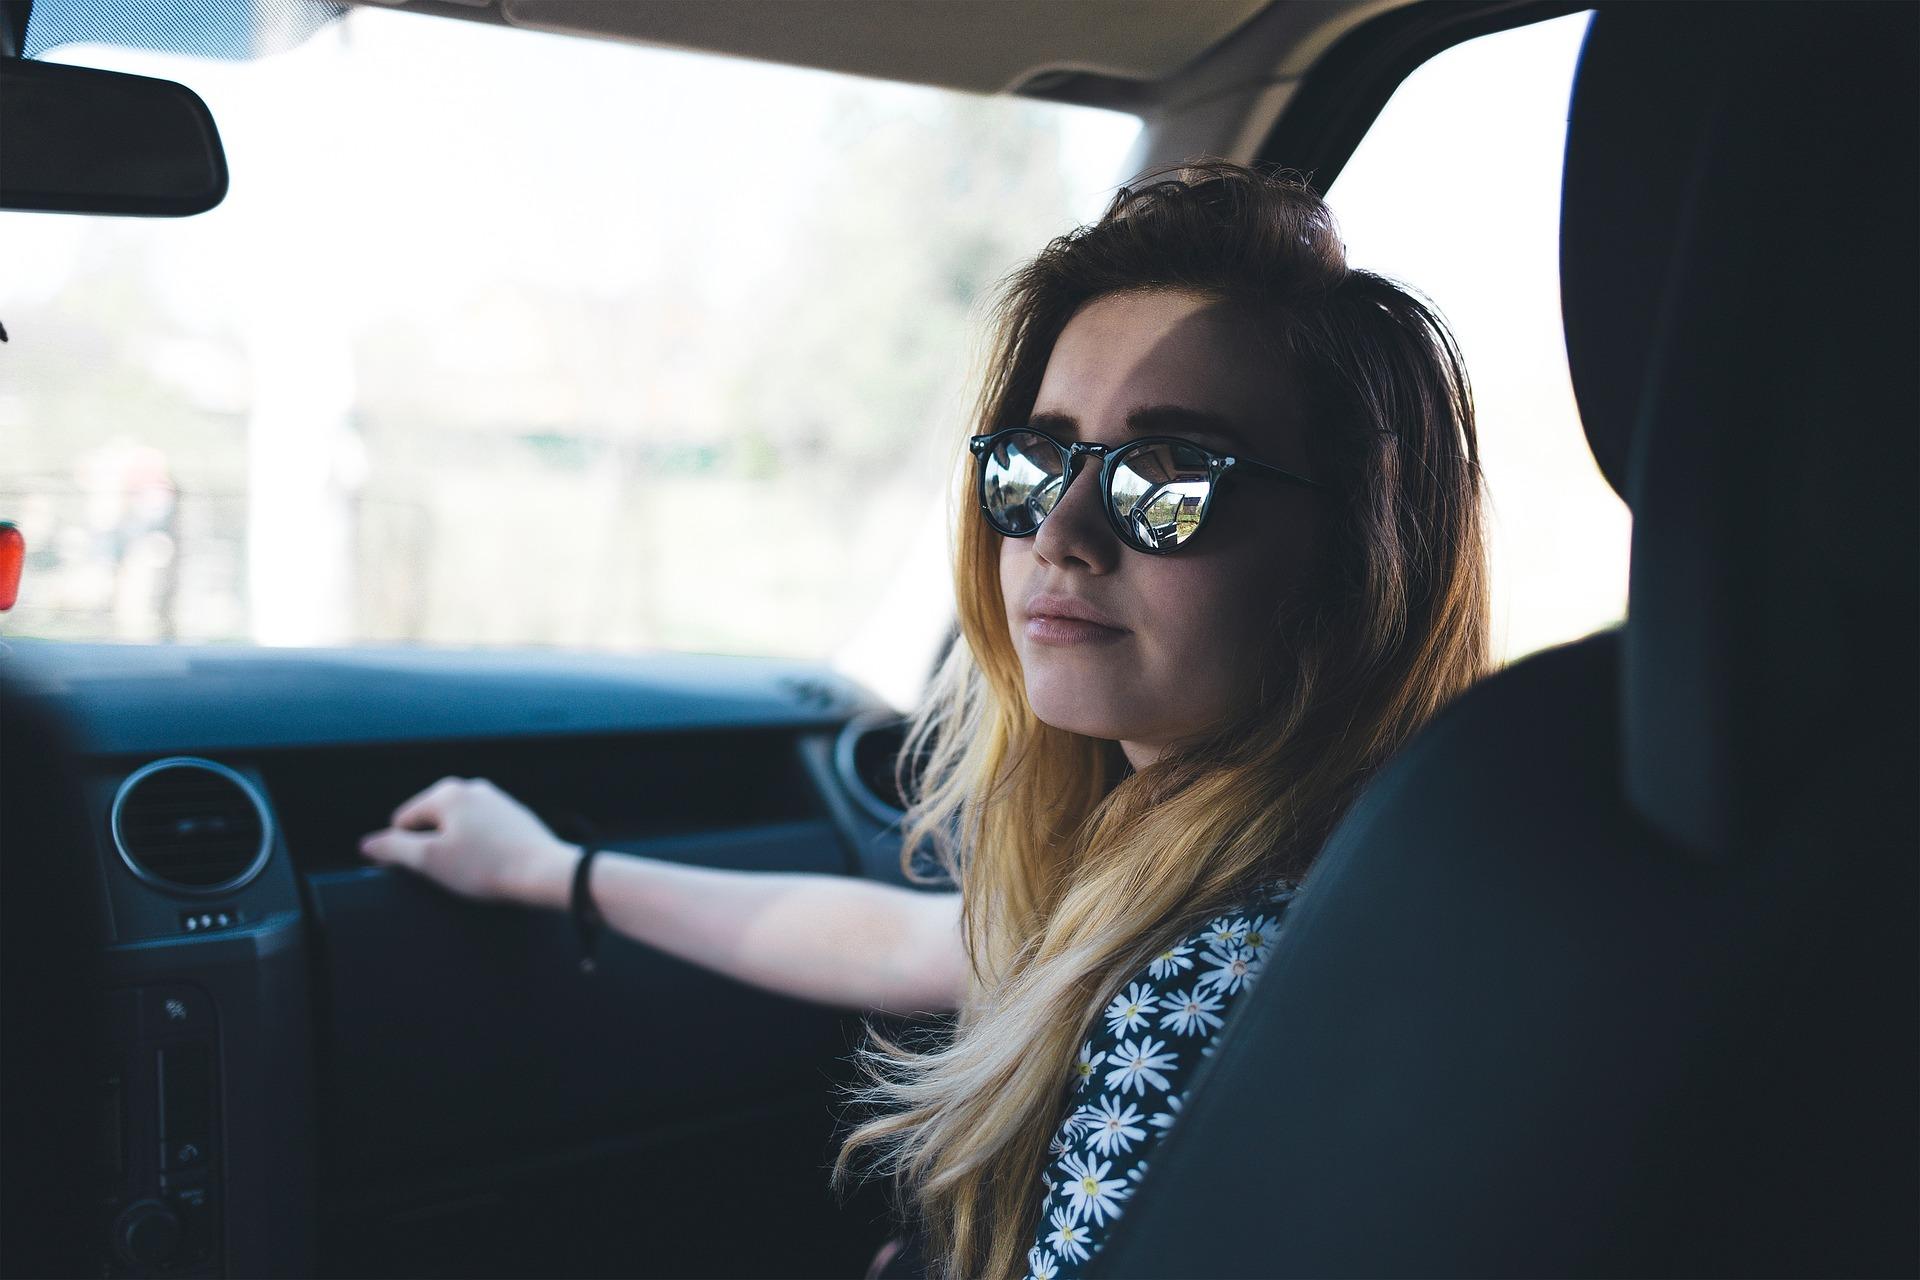 Foto de uma moça de óculos escuros, sentada no banco de passageiro do carro. Ilustração do texto sobre impermeabilização de  bancos automotivos.